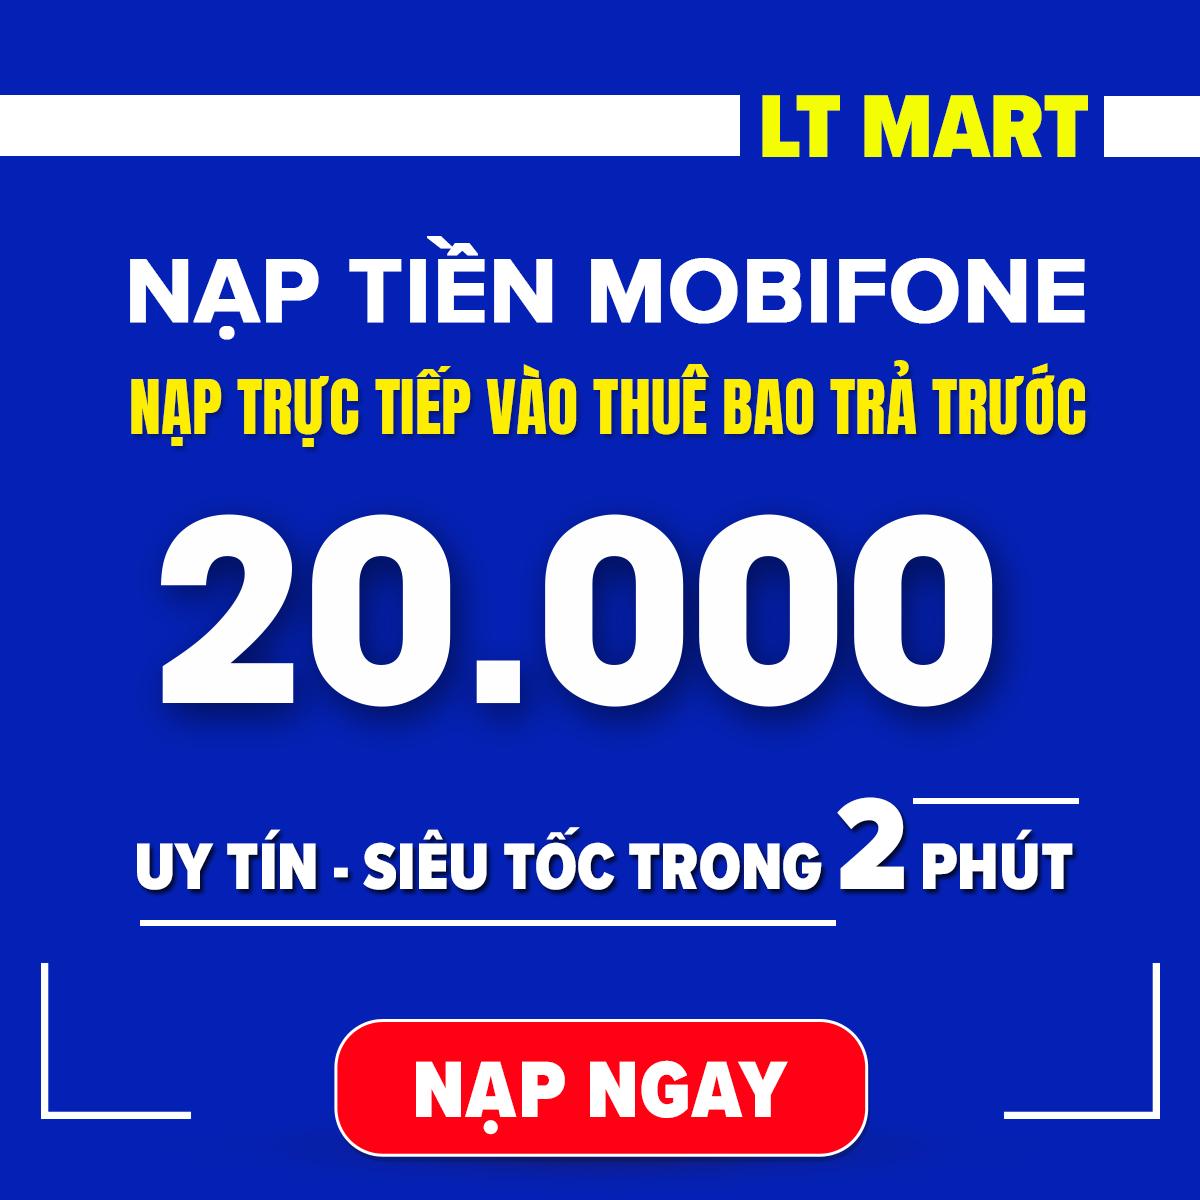 [HCM]Nạp tiền Mobifone 20.000 thuê bao trả trước(Nạp tiền trực tiếp vào thuê bao Mobifone trả trước).LTmart - Uy tín thao tác nhanh chóng